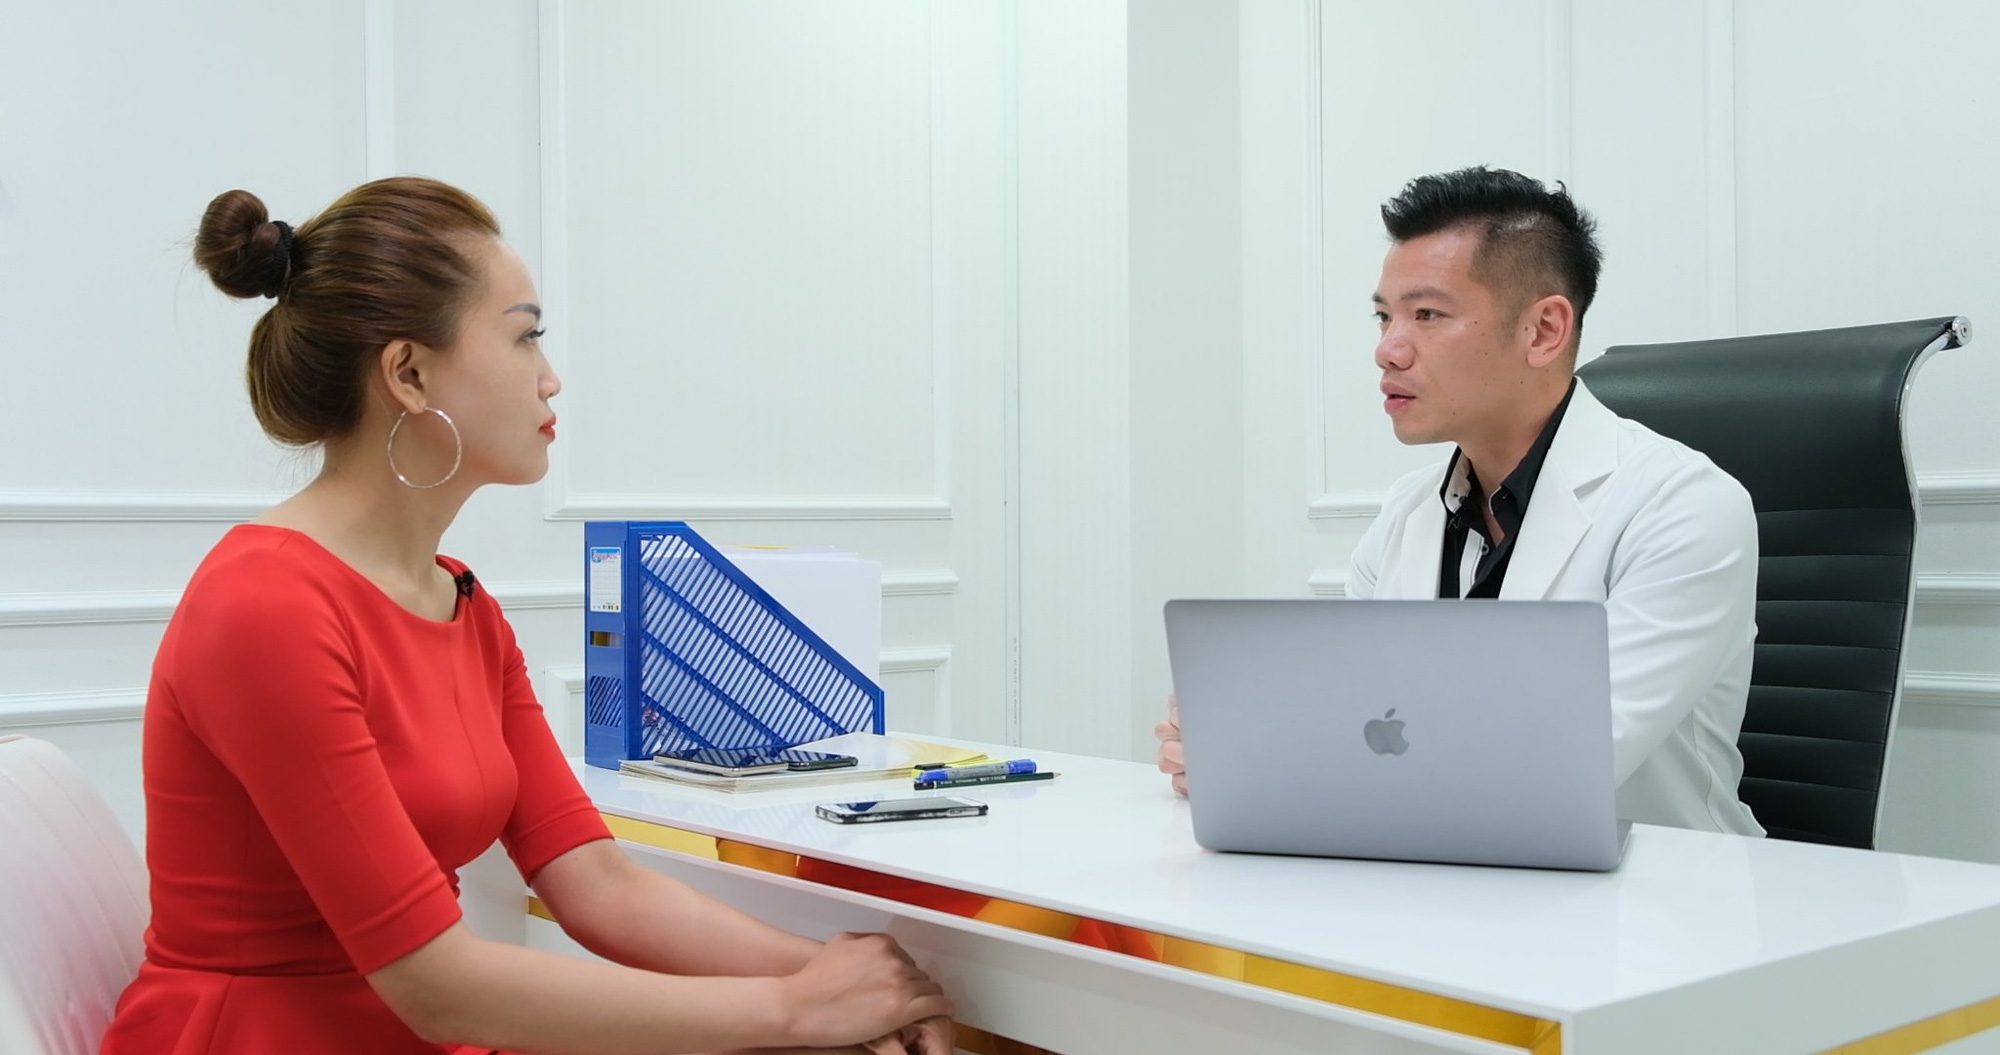 Bác sĩ Bùi Minh Việt và hành trình giúp phụ nữ Việt níu giữ tuổi xuân - Ảnh 2.